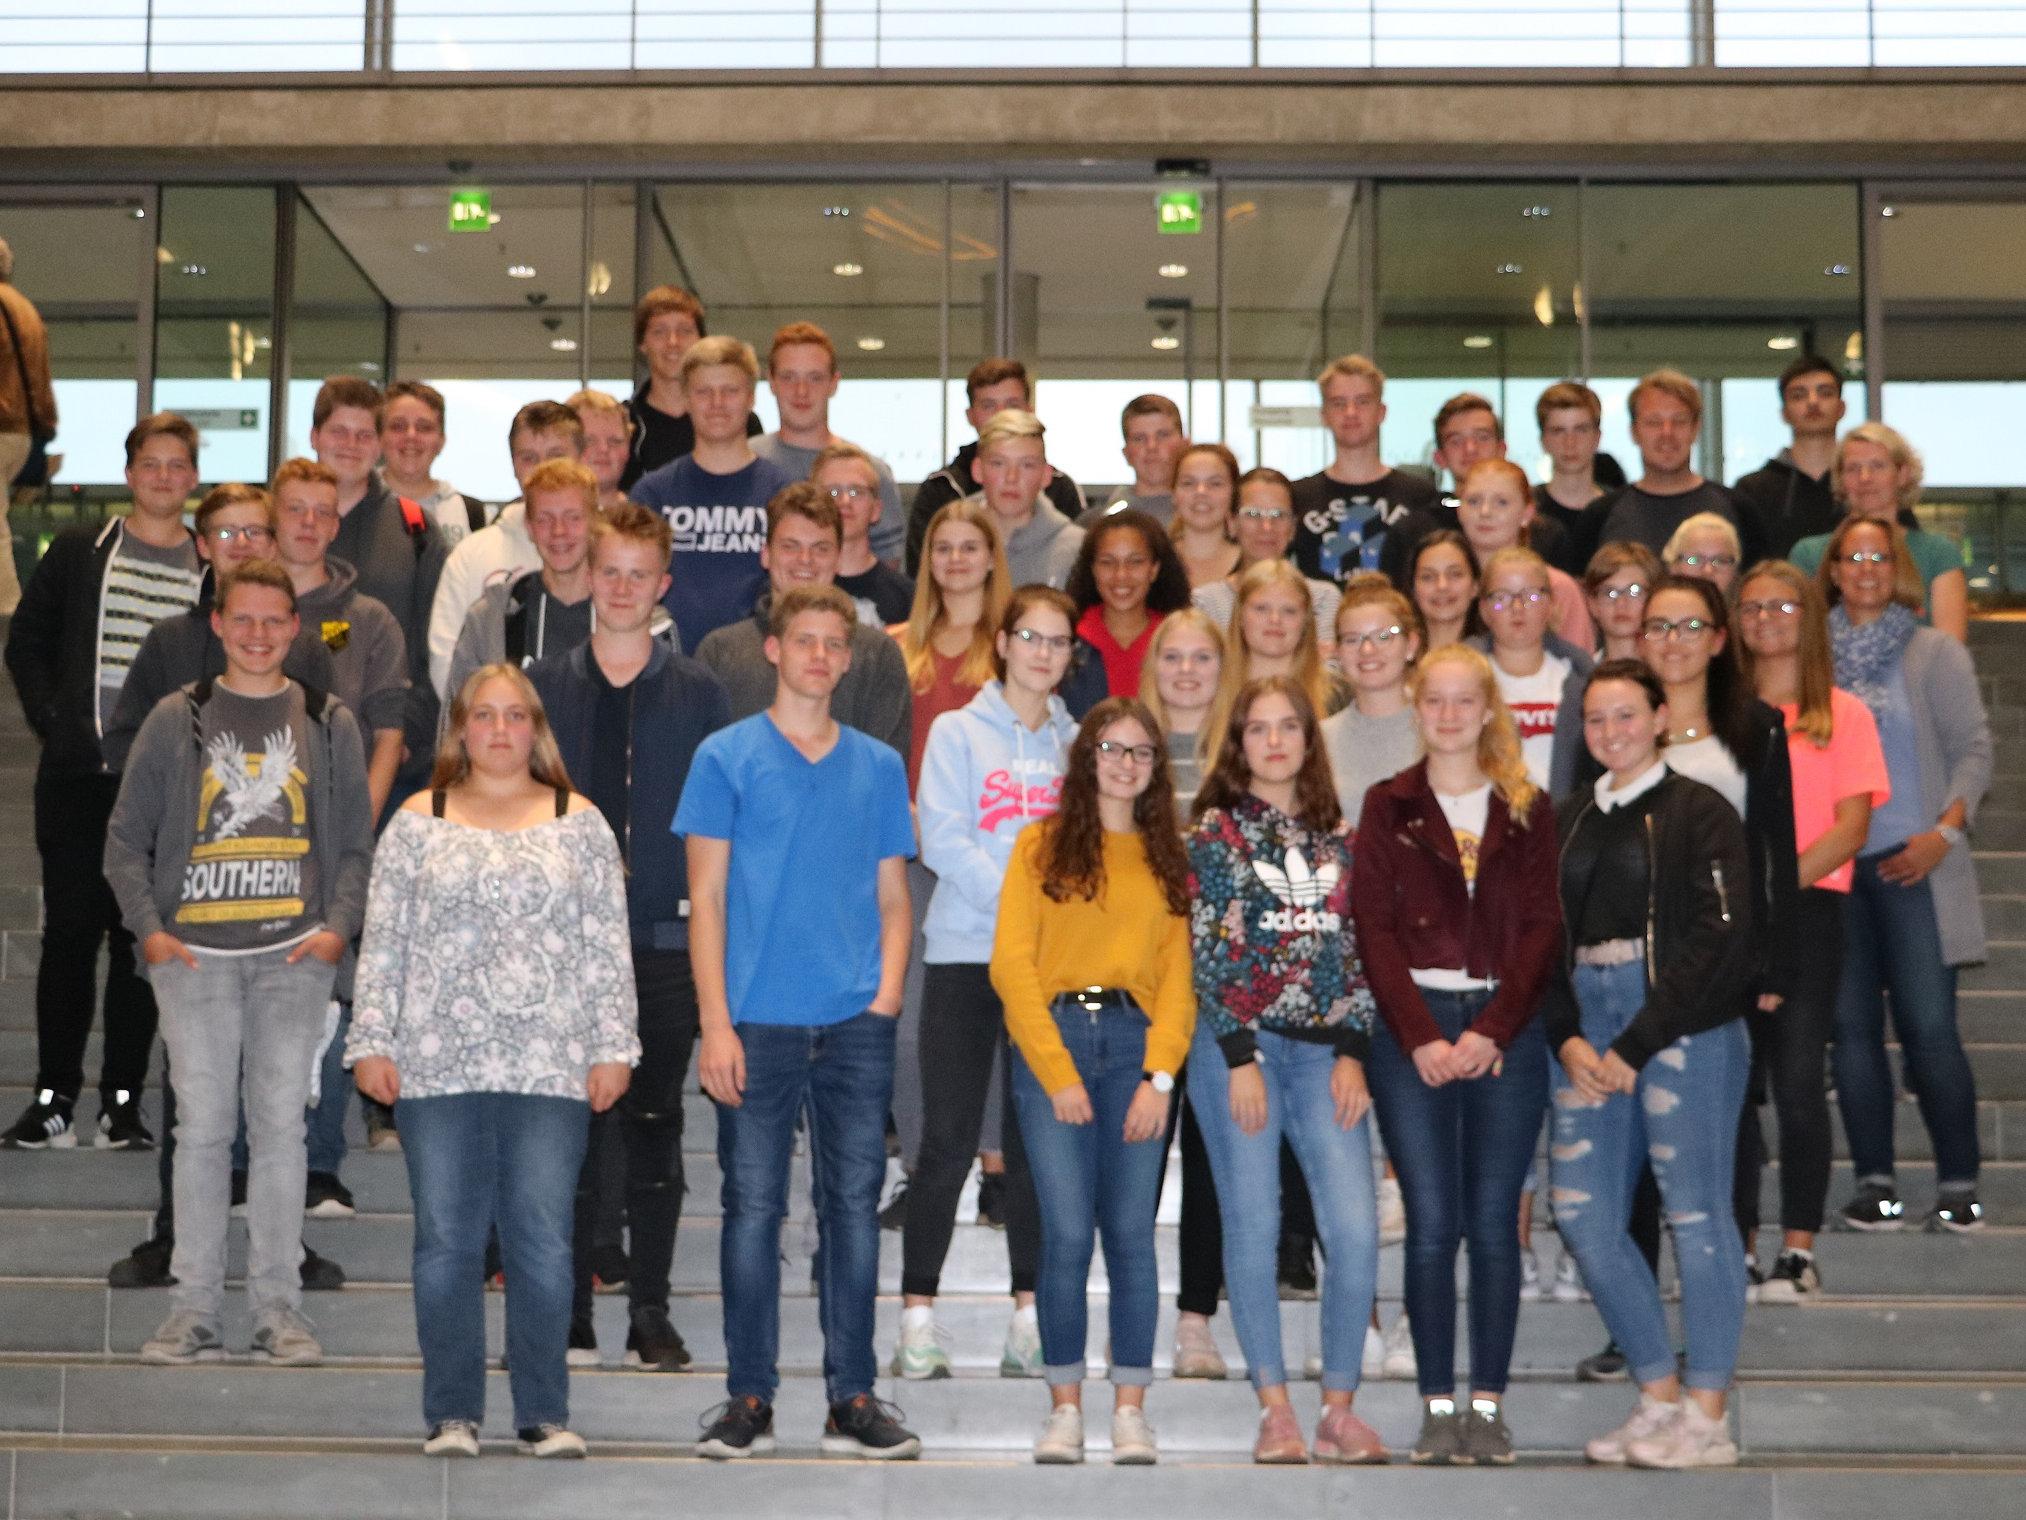 Schülerinnen und Schüler de rGeschwister-Scholl-Schule aus Geeste zu Besuch im Bundestag